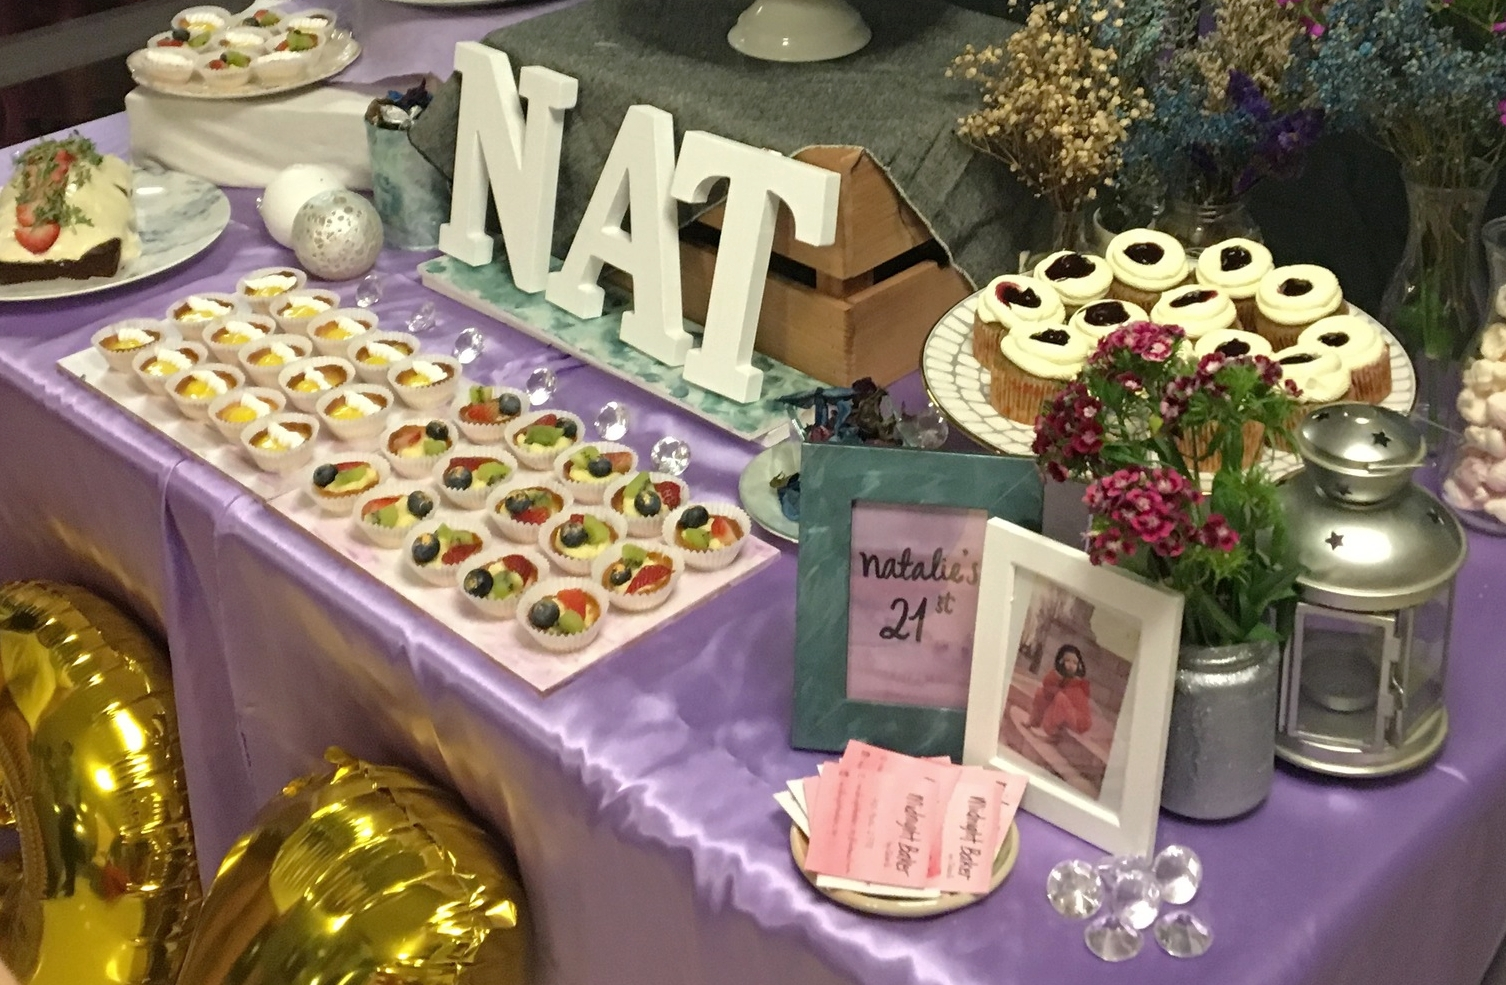 Natalie's 21st